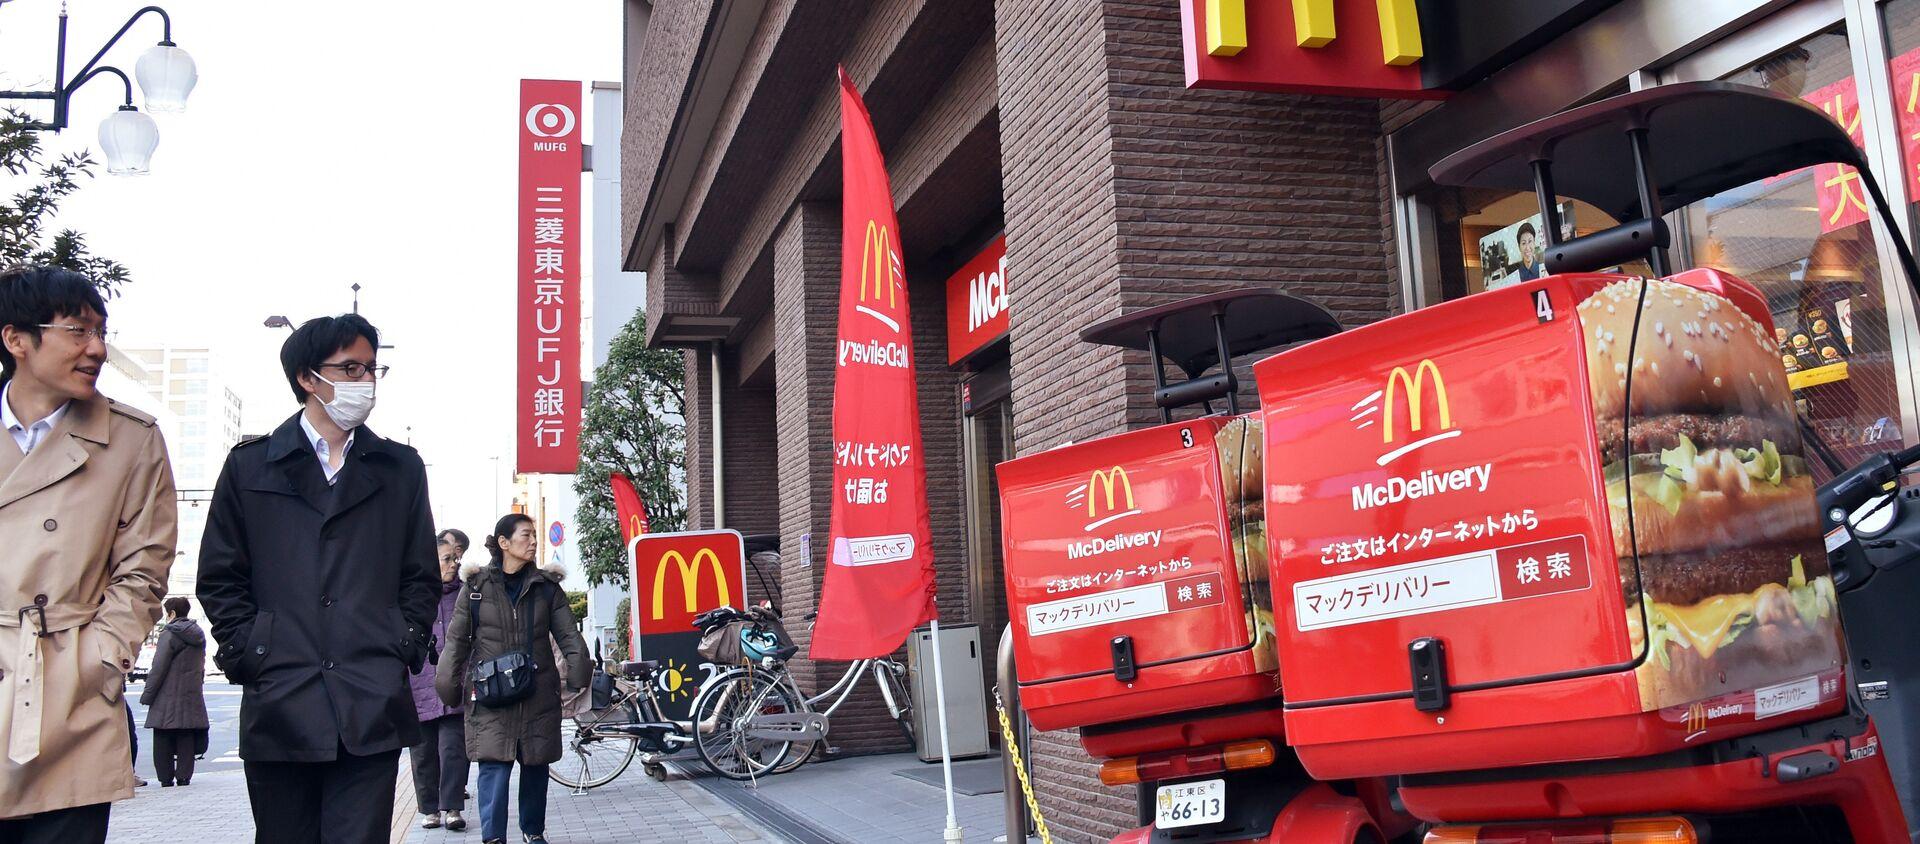 Ristorante McDonald's in Giappone - Sputnik Italia, 1920, 02.12.2020